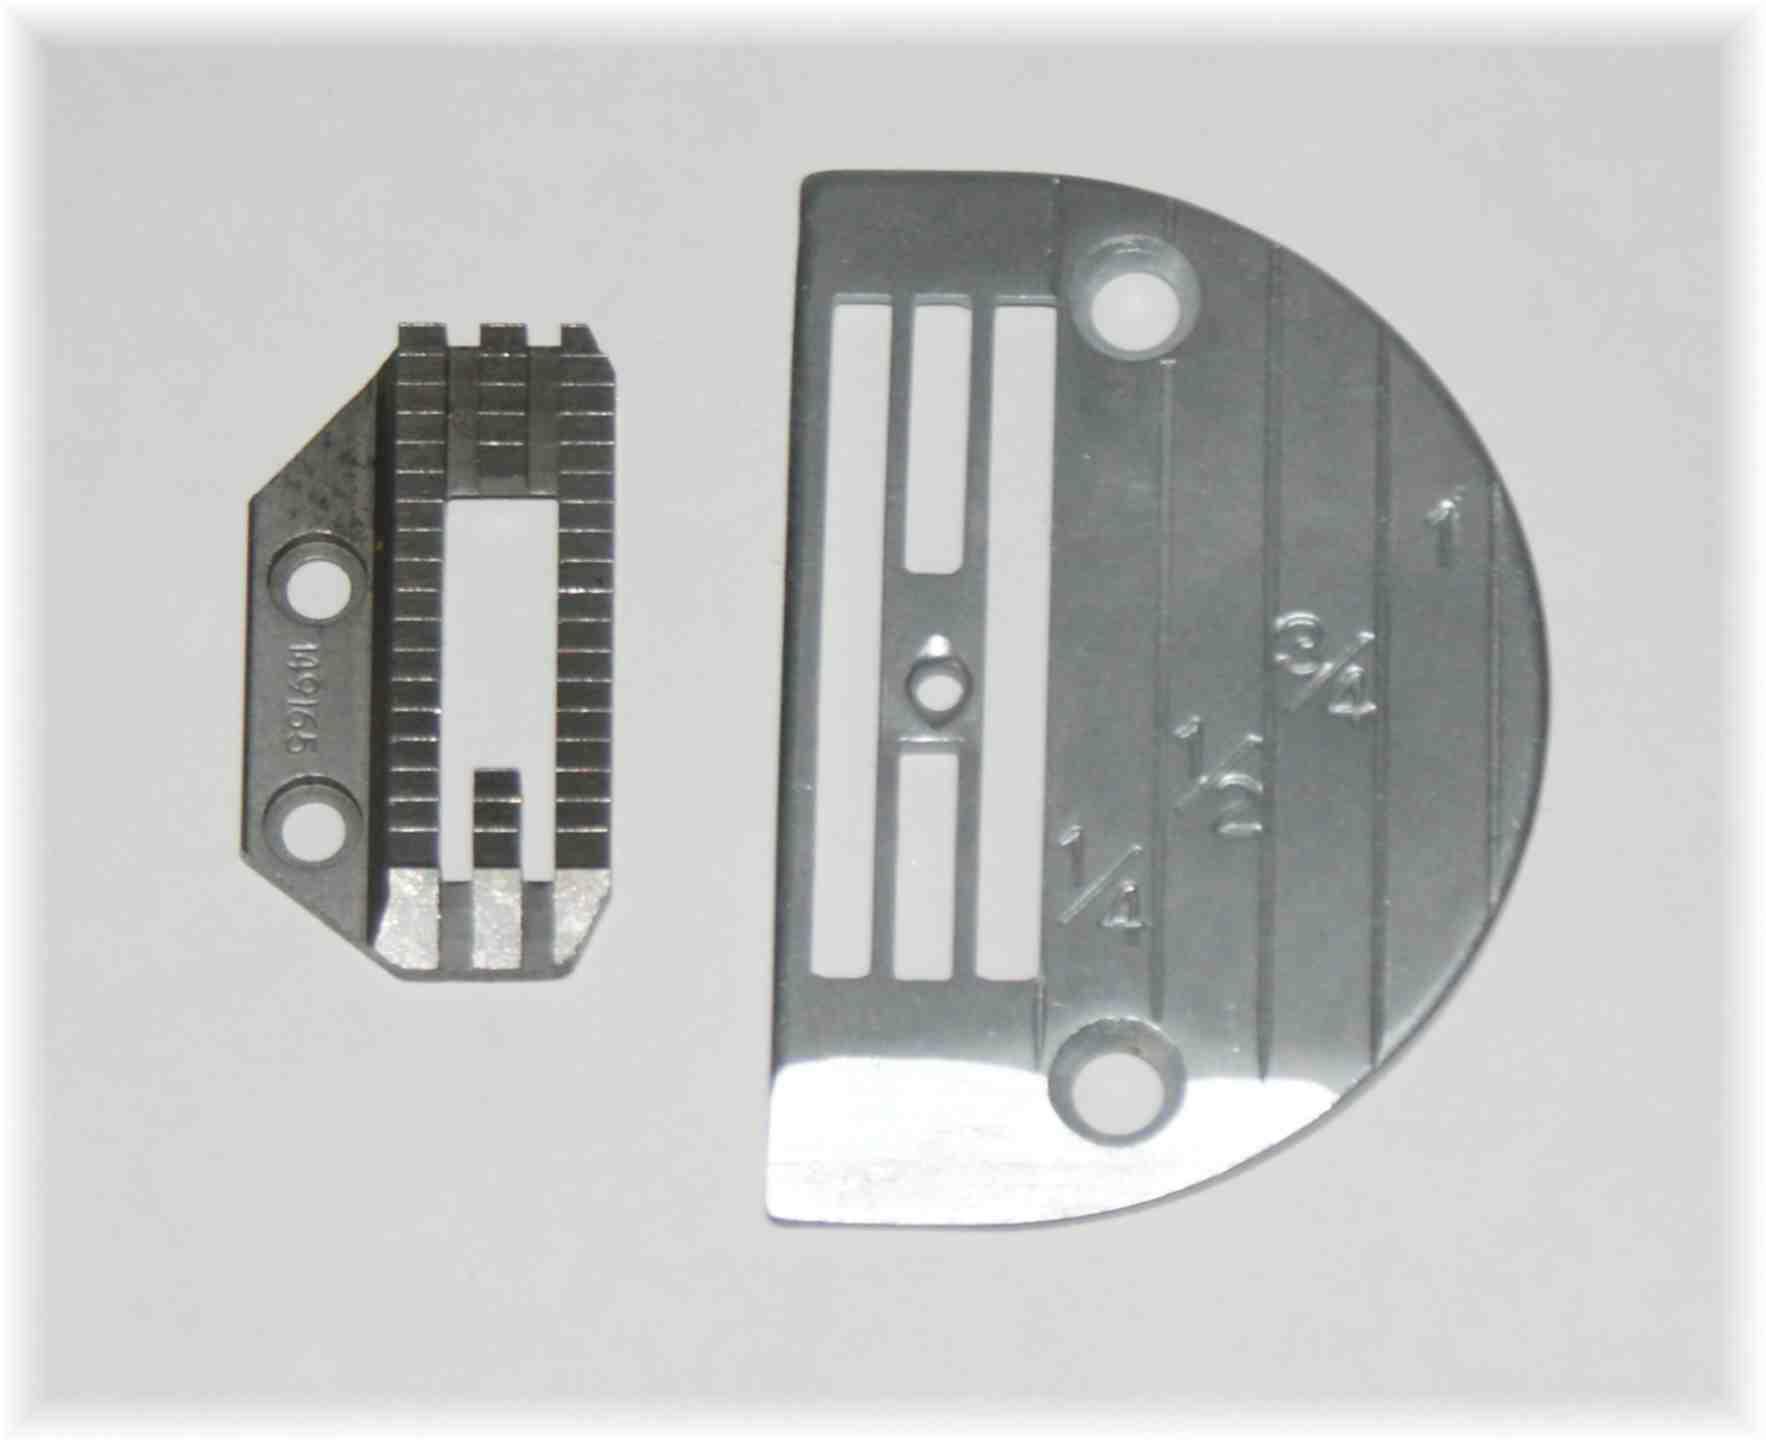 Nähwerkzeuge für Schnellnäher grob / dickes Material